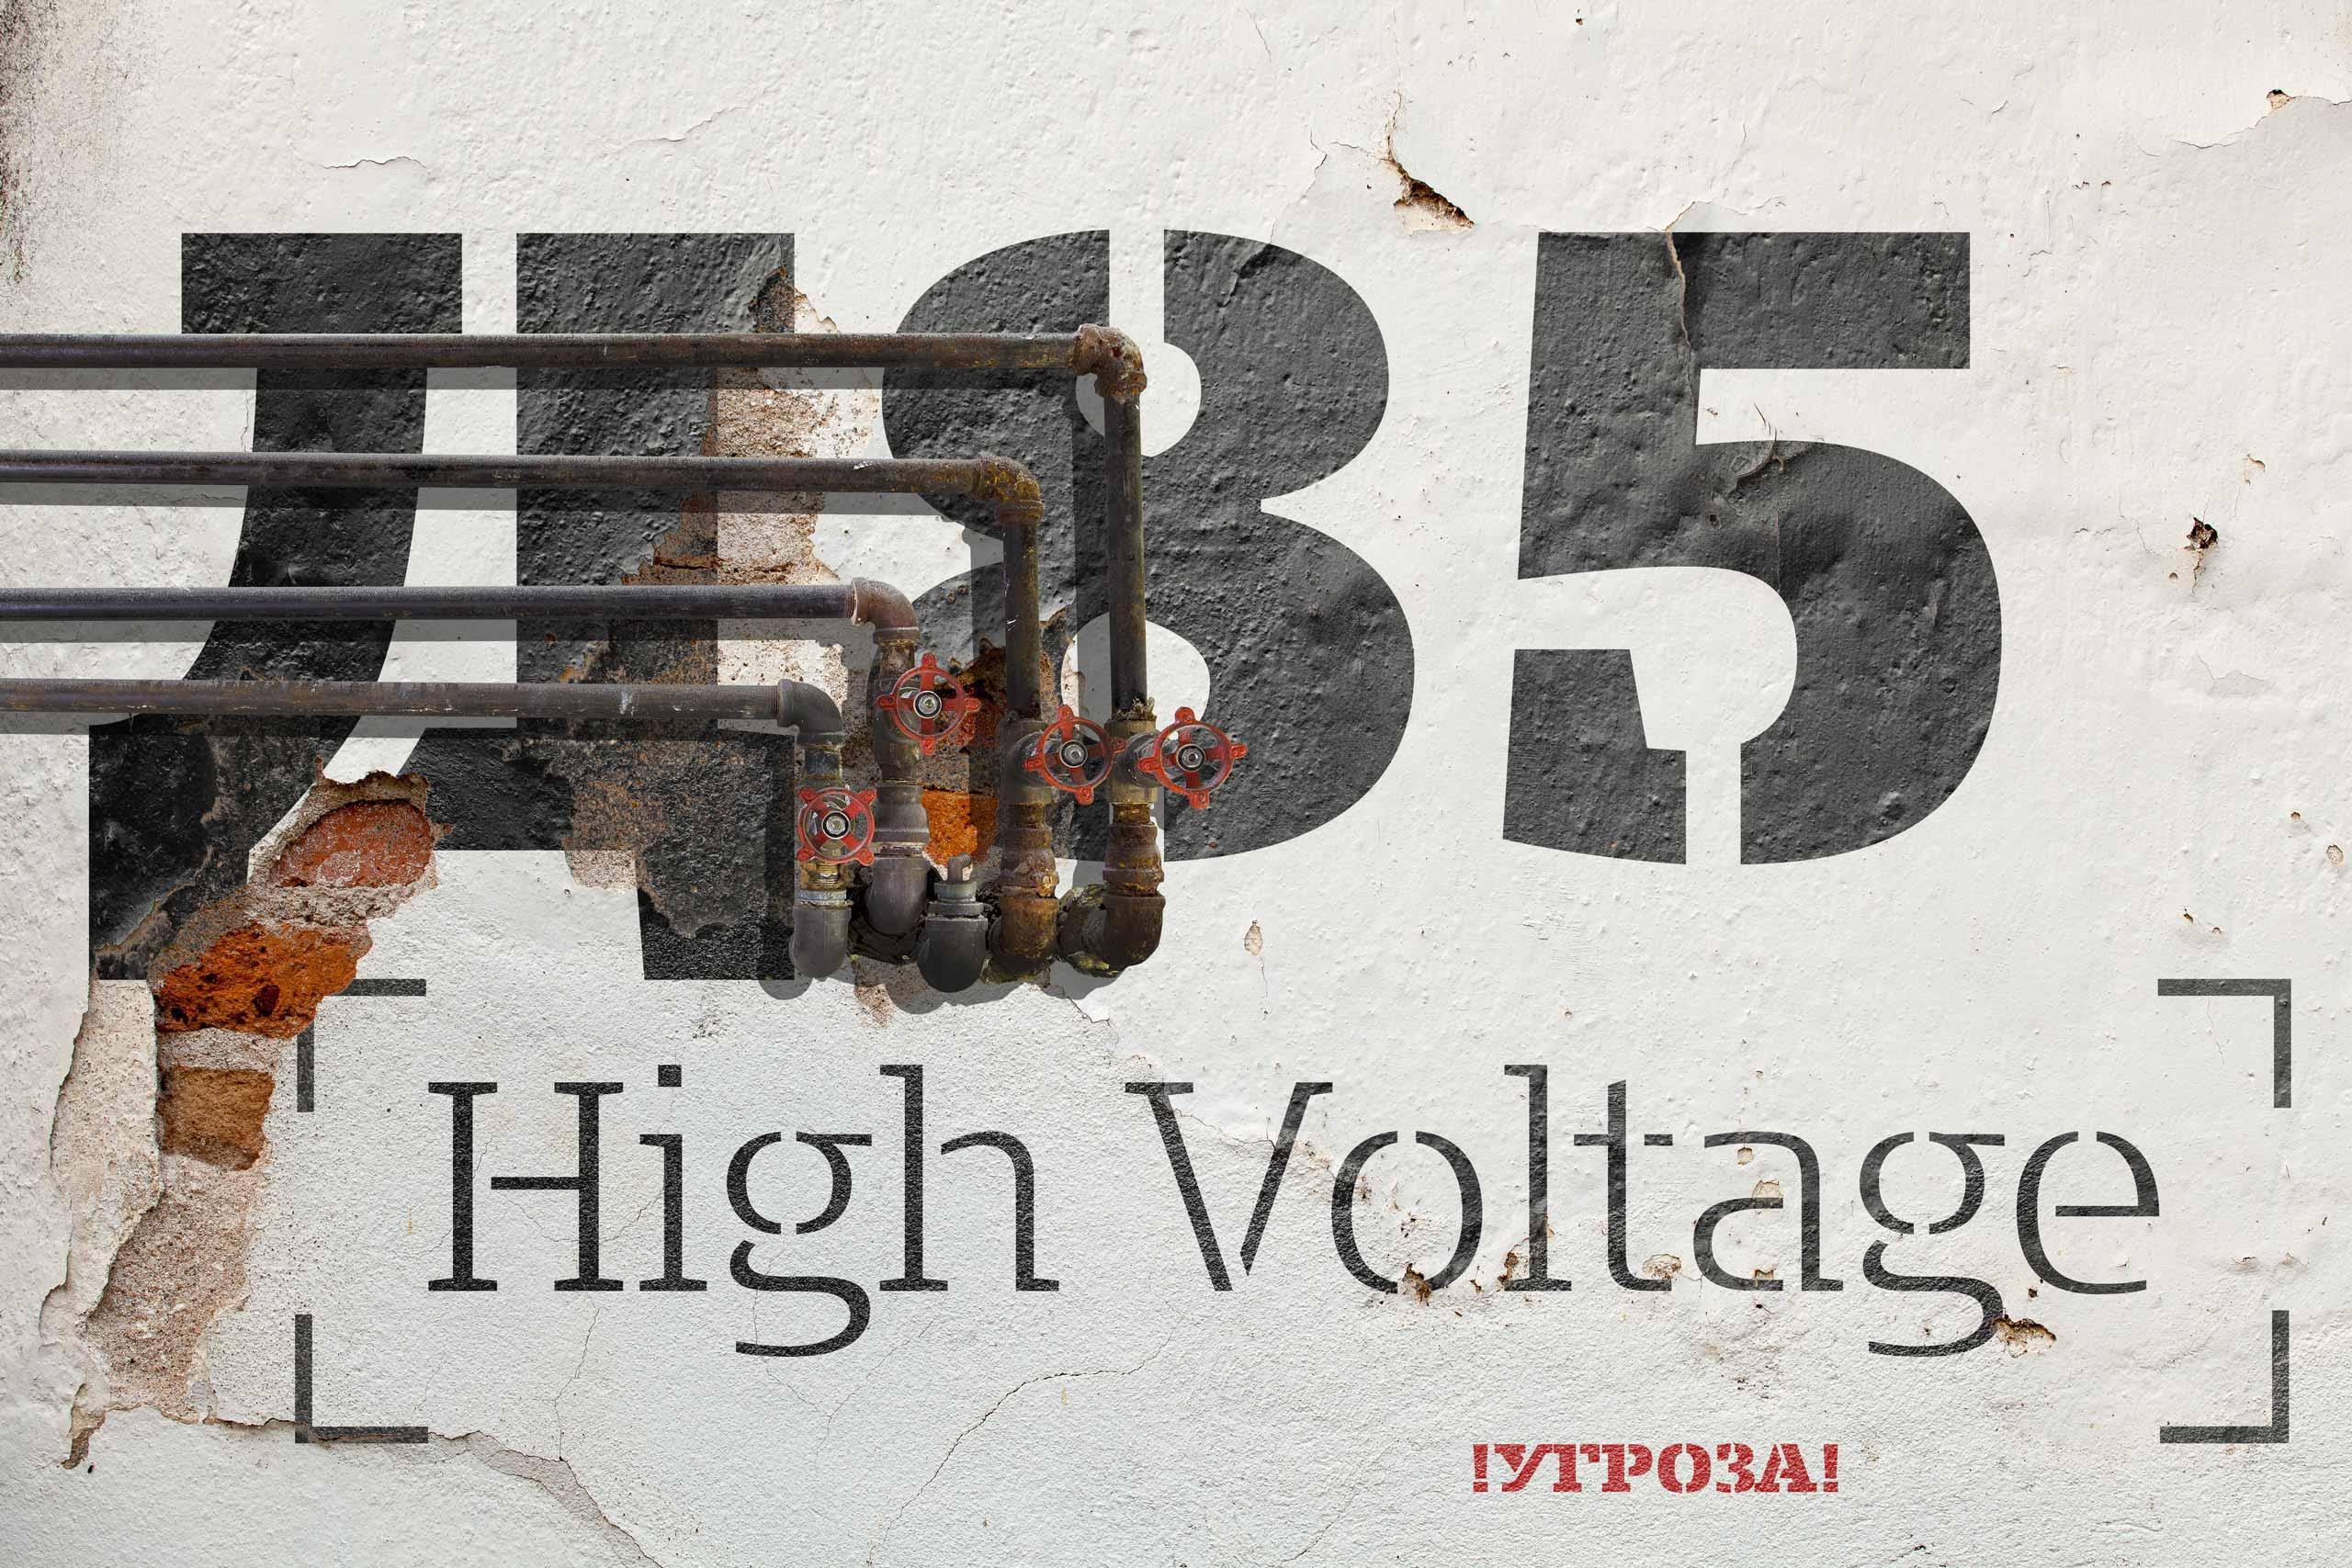 FF Signa Slab Stencil Showing